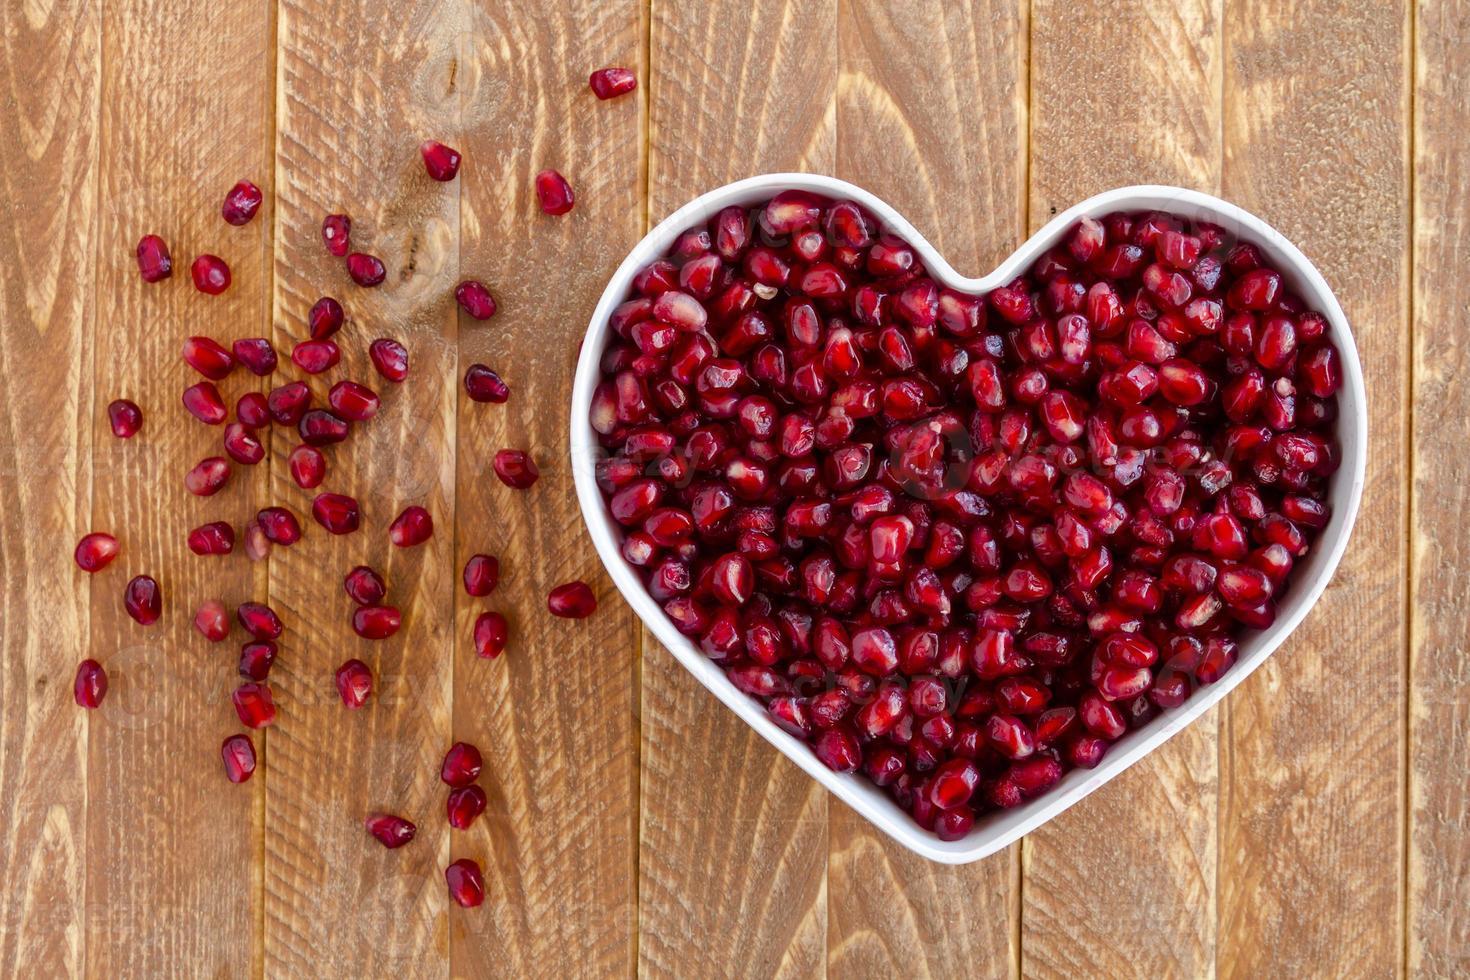 semillas de granada orgánica fresca foto